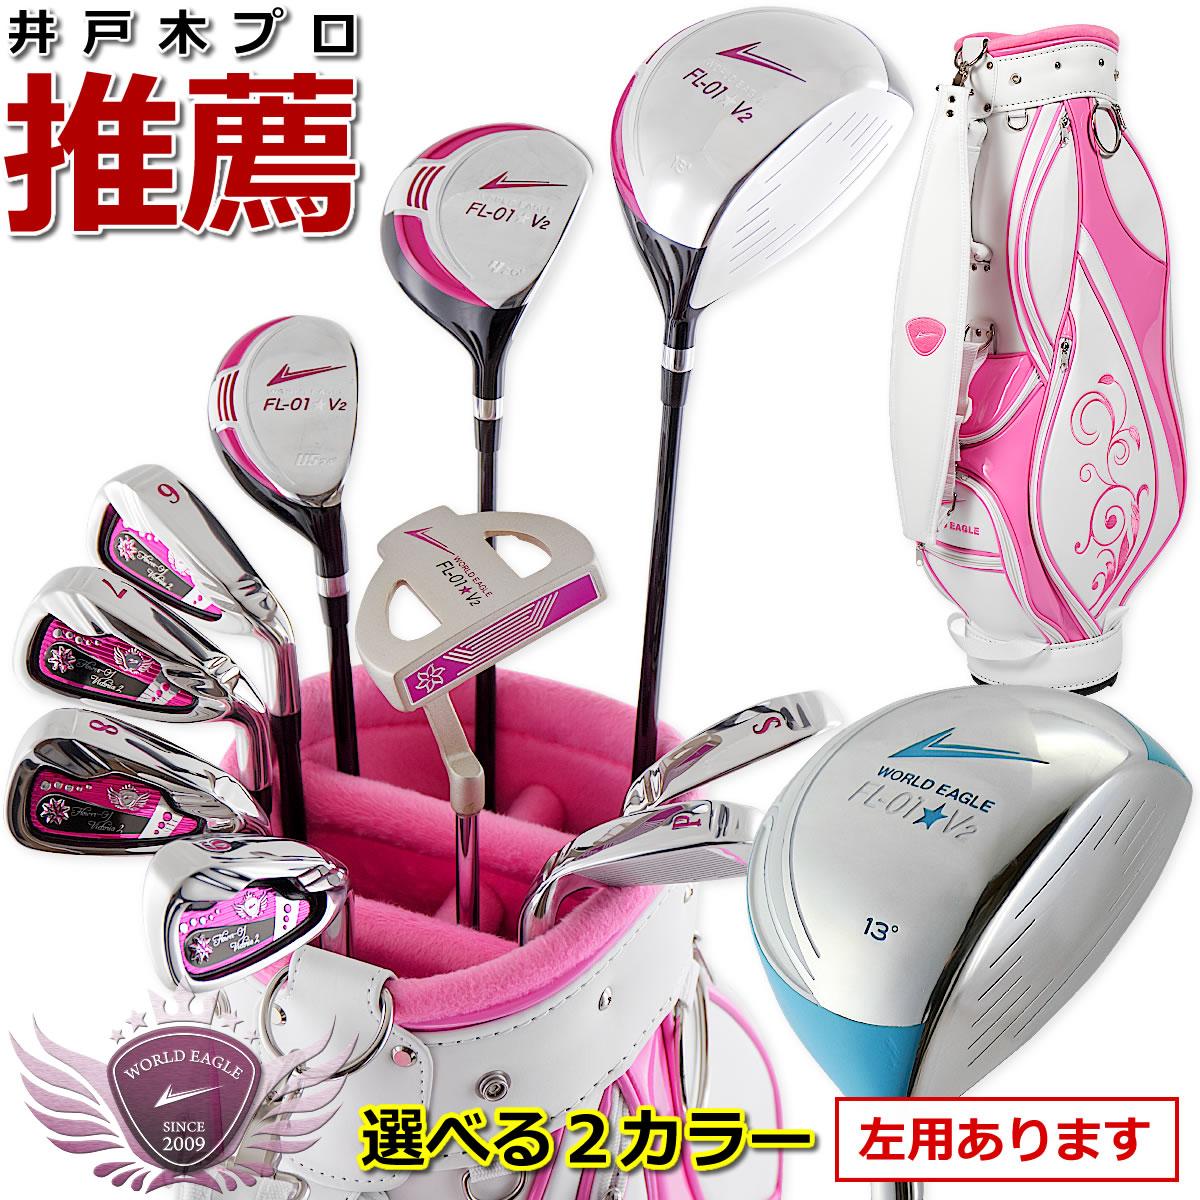 華やかに☆WE-FL-01+G510 レディース13点ゴルフクラブセット【add-option】